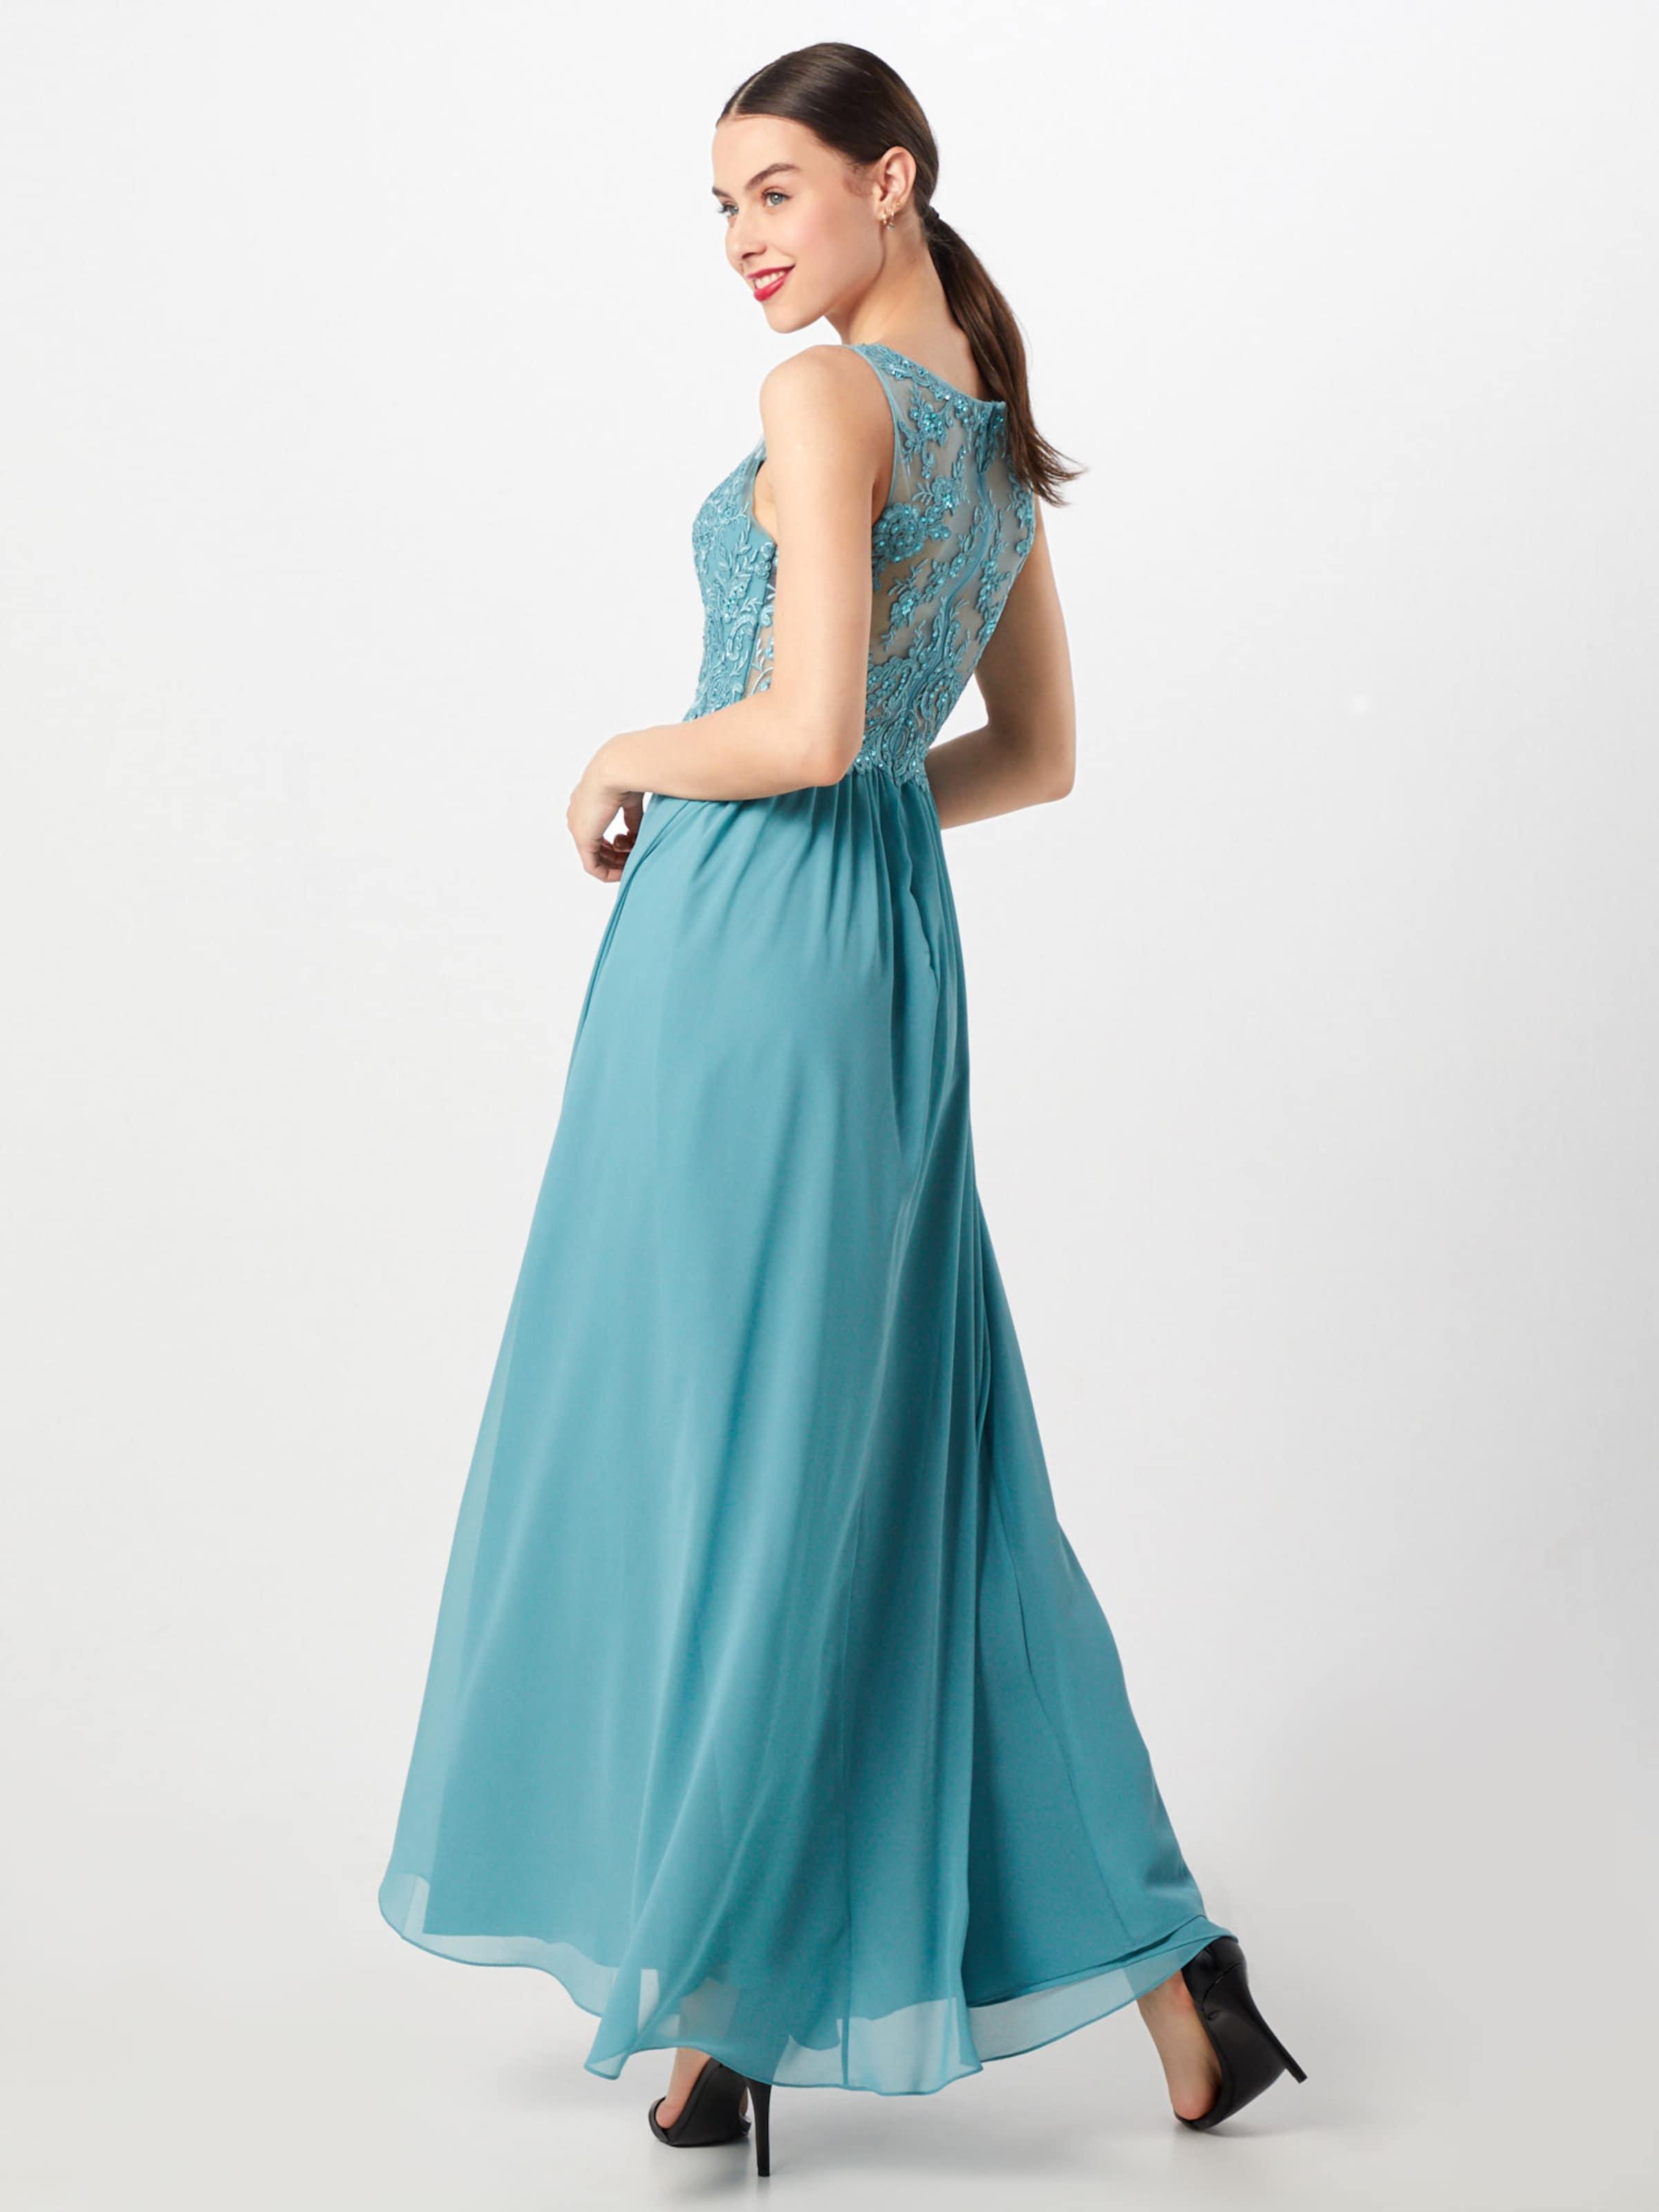 Pastellblau Pastellblau Laona Laona In Abendkleid Abendkleid In Abendkleid In In Abendkleid Pastellblau Laona Laona nwvN0m8